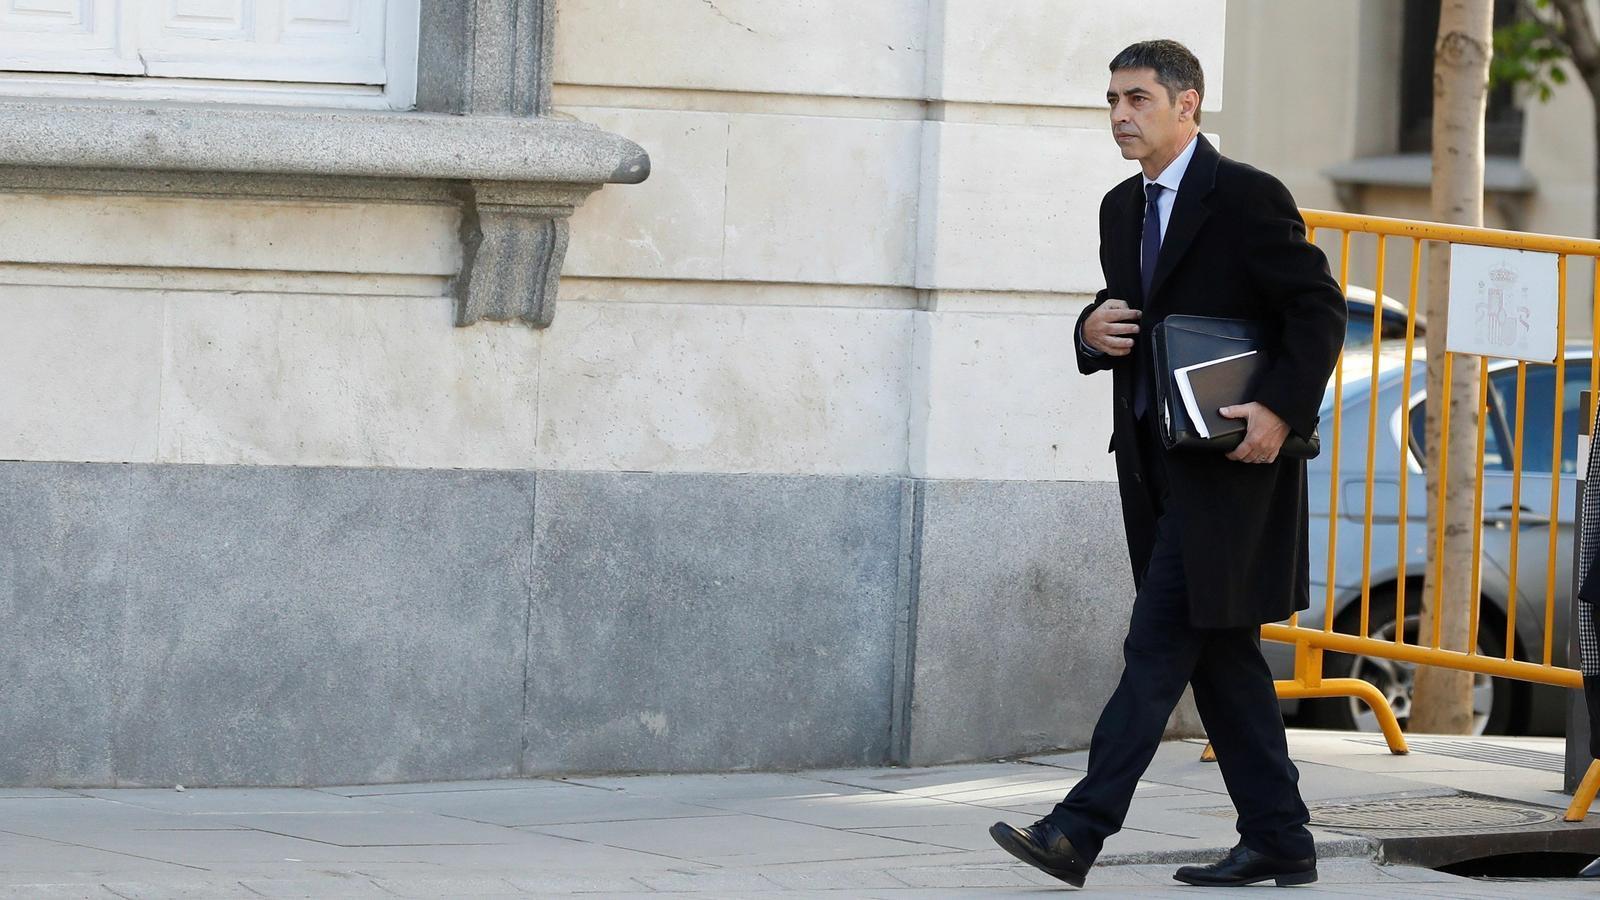 """""""No és veritat que la secretària judicial hagués de sortir camuflada el 20-S"""": frases destacades de la declaració de Trapero"""